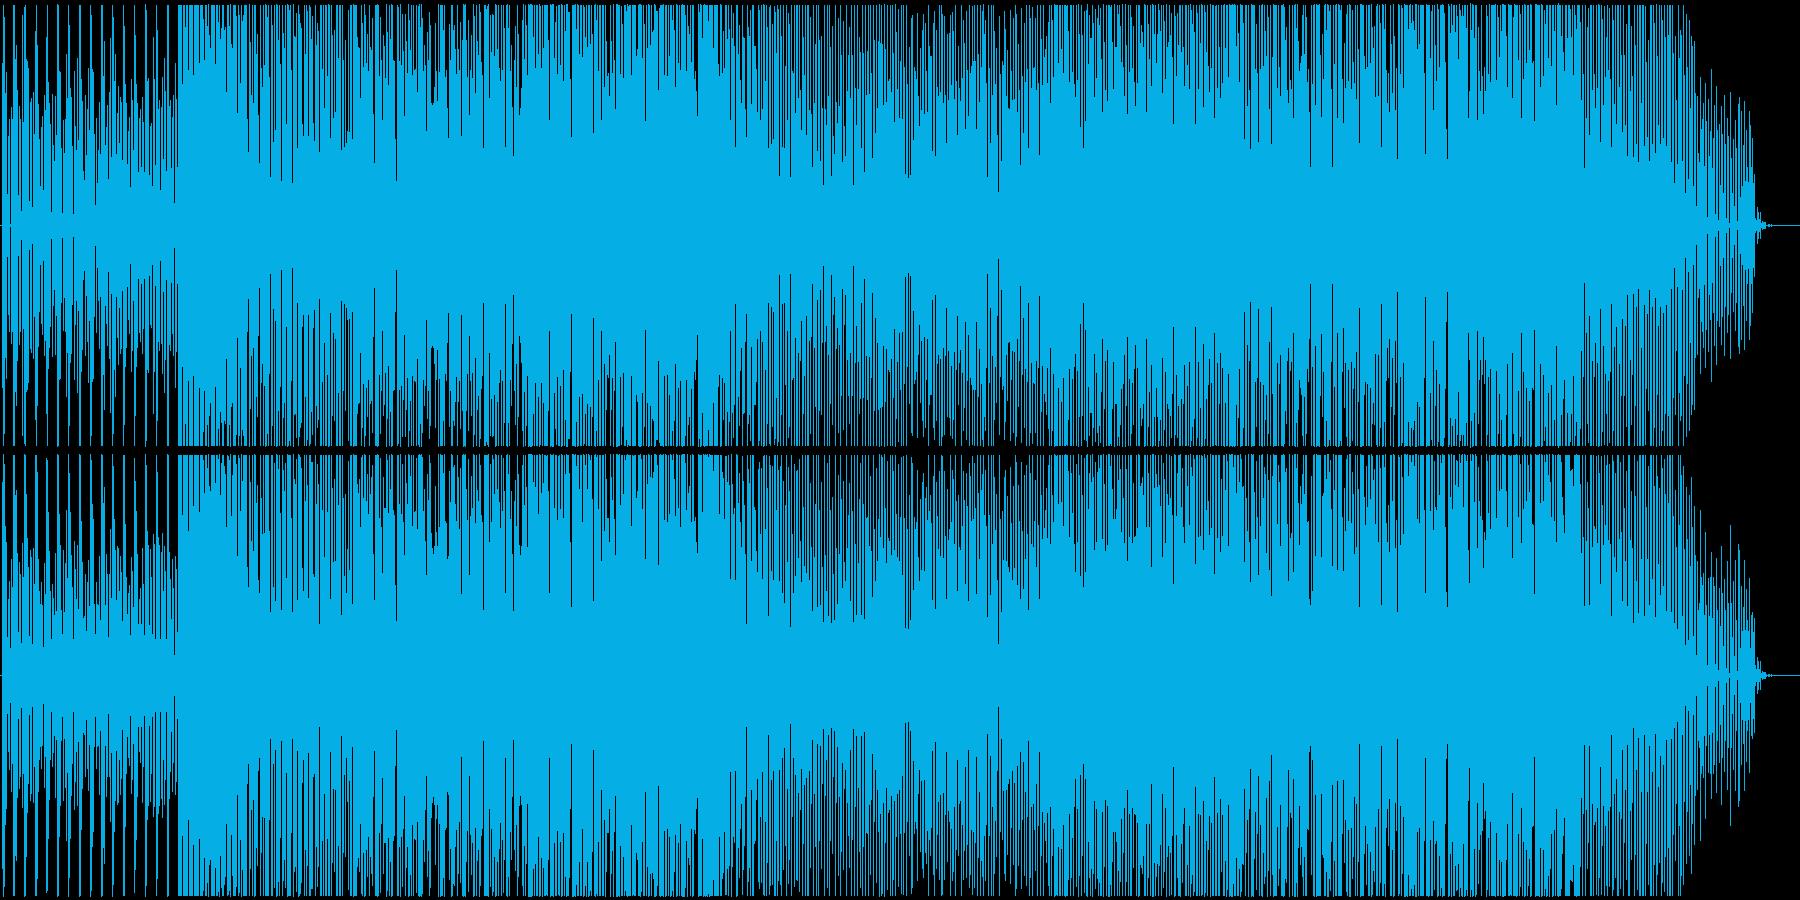 ホラー、サスペンス向けのBGMの再生済みの波形